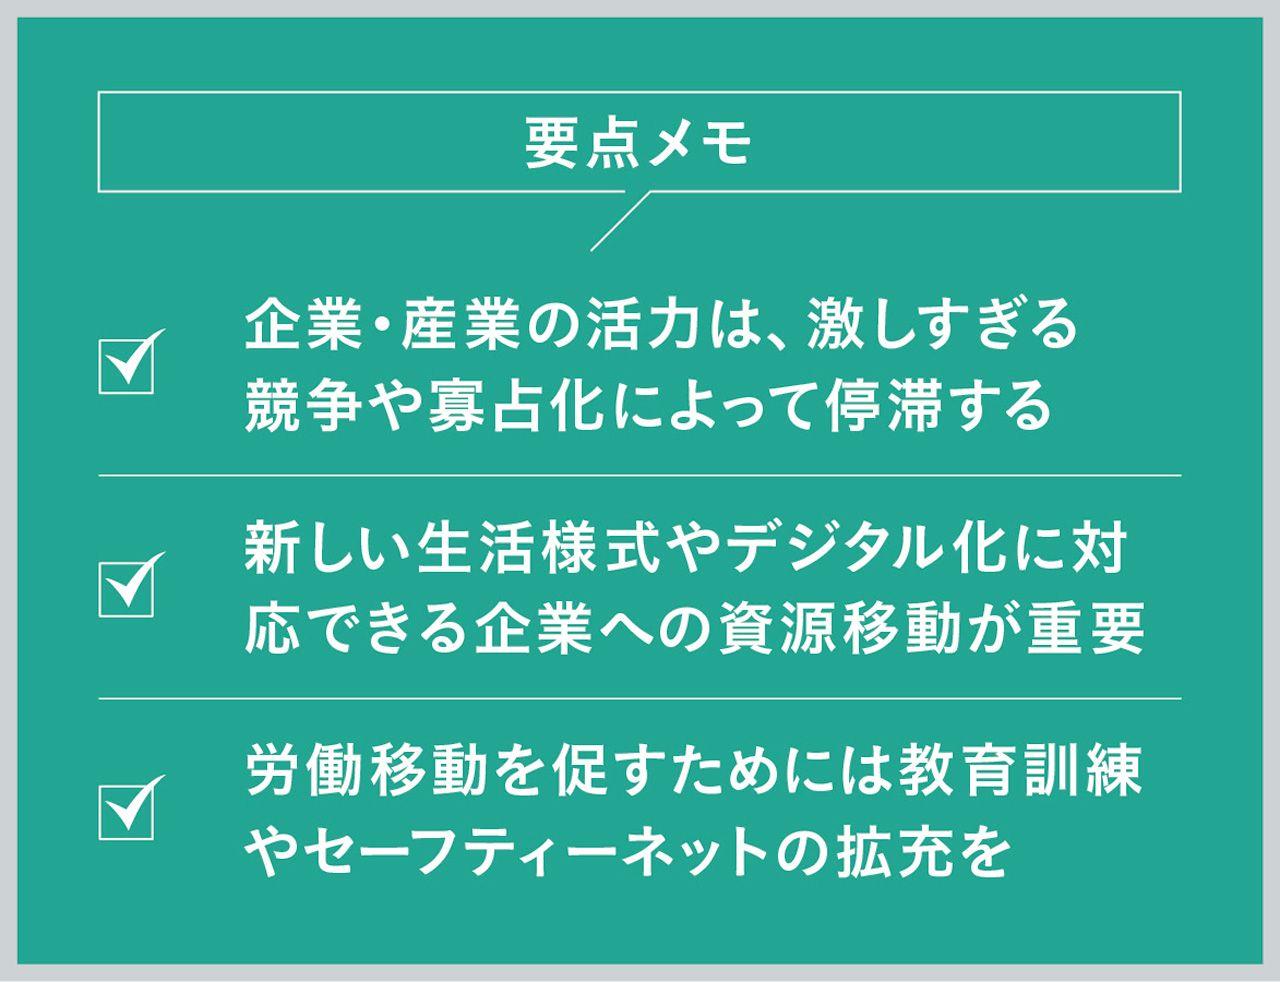 コロナ後復活の条件 | 長期停滞する日本企業 | 経済学者が読み解く現代 ...